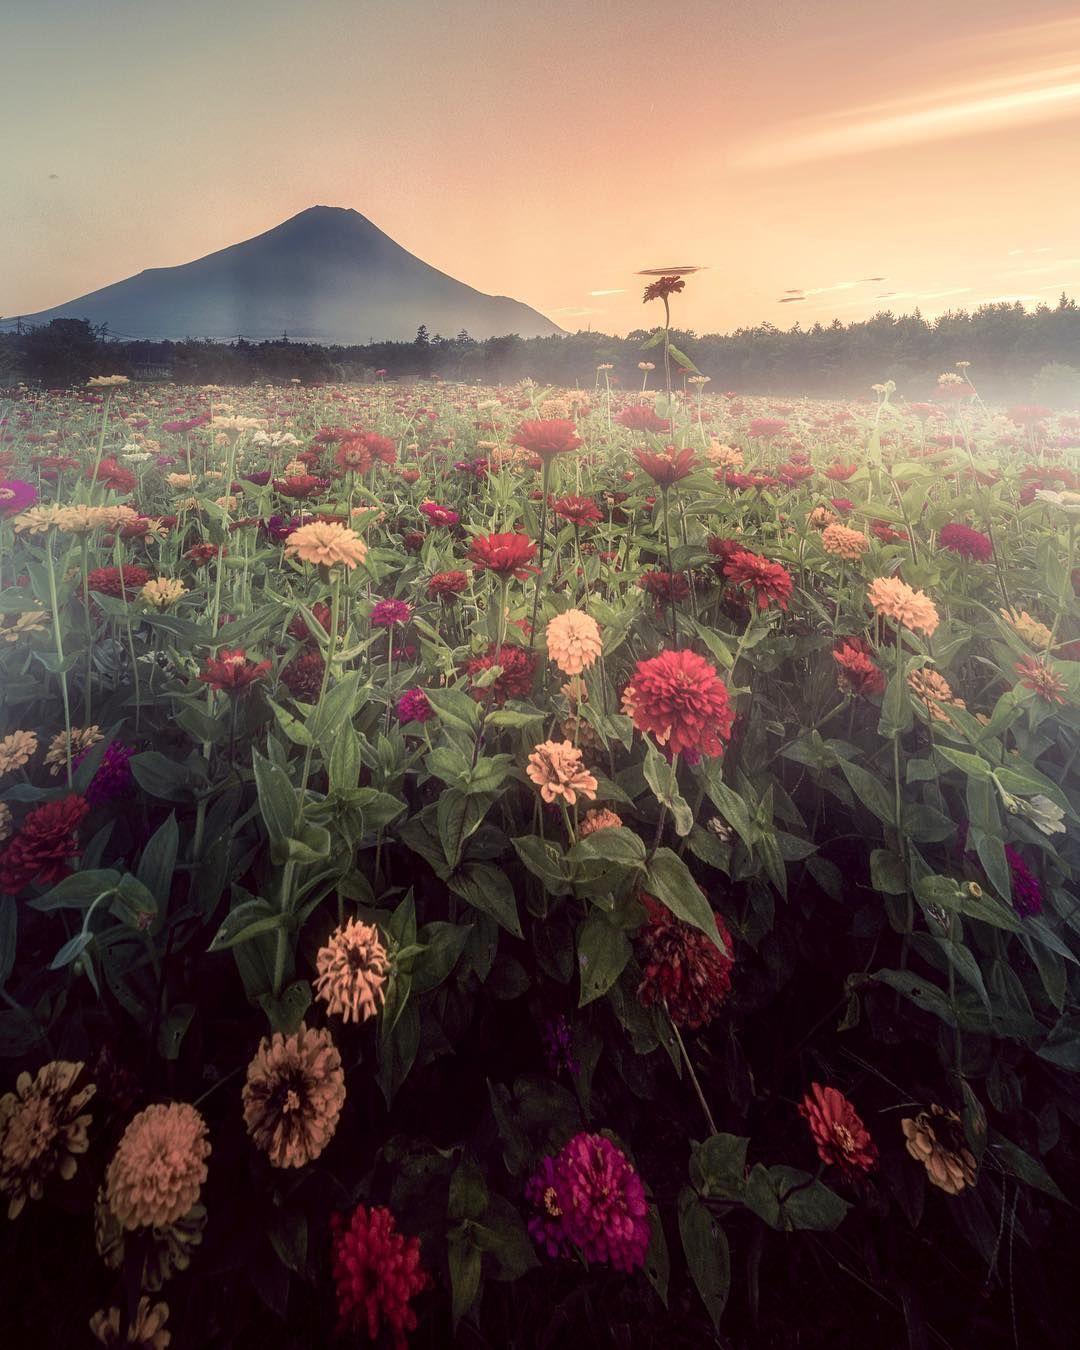 山中湖花の都公園 百日草 花火もいいけどそろそろネイチャー撮りたい ただどこ行こうとか全く決めてなくて行動できてない 今日も朝活行こうとしだのですがヤル気出ず どこいこう Location Beautiful Nature Nature Japan